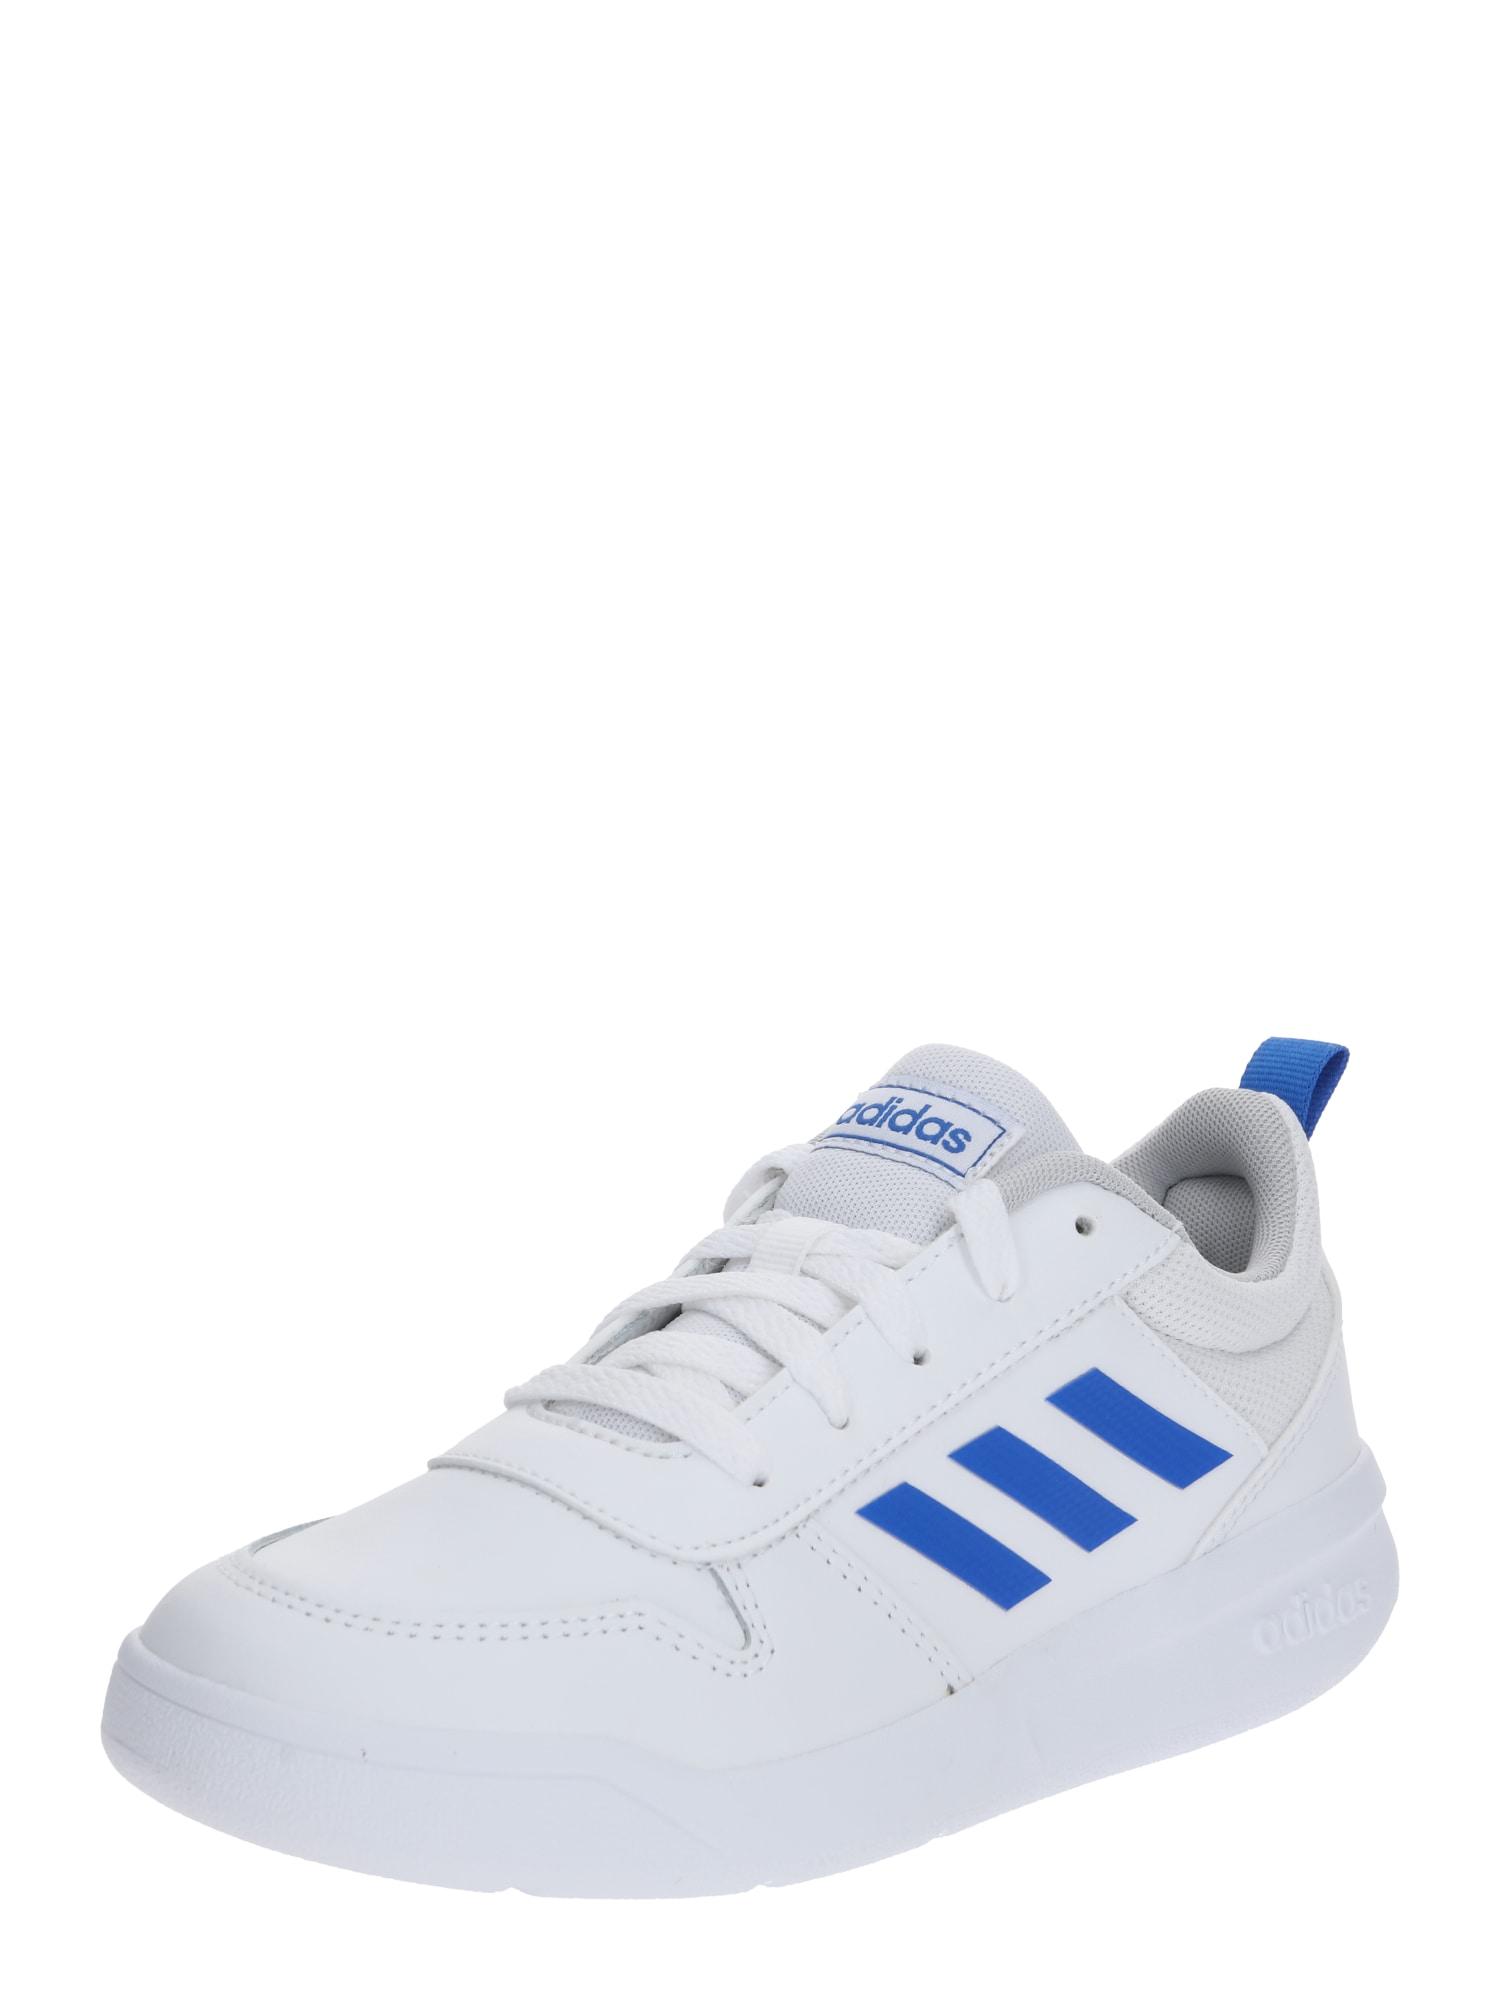 ADIDAS PERFORMANCE Sportiniai batai 'TENSAUR K' balta